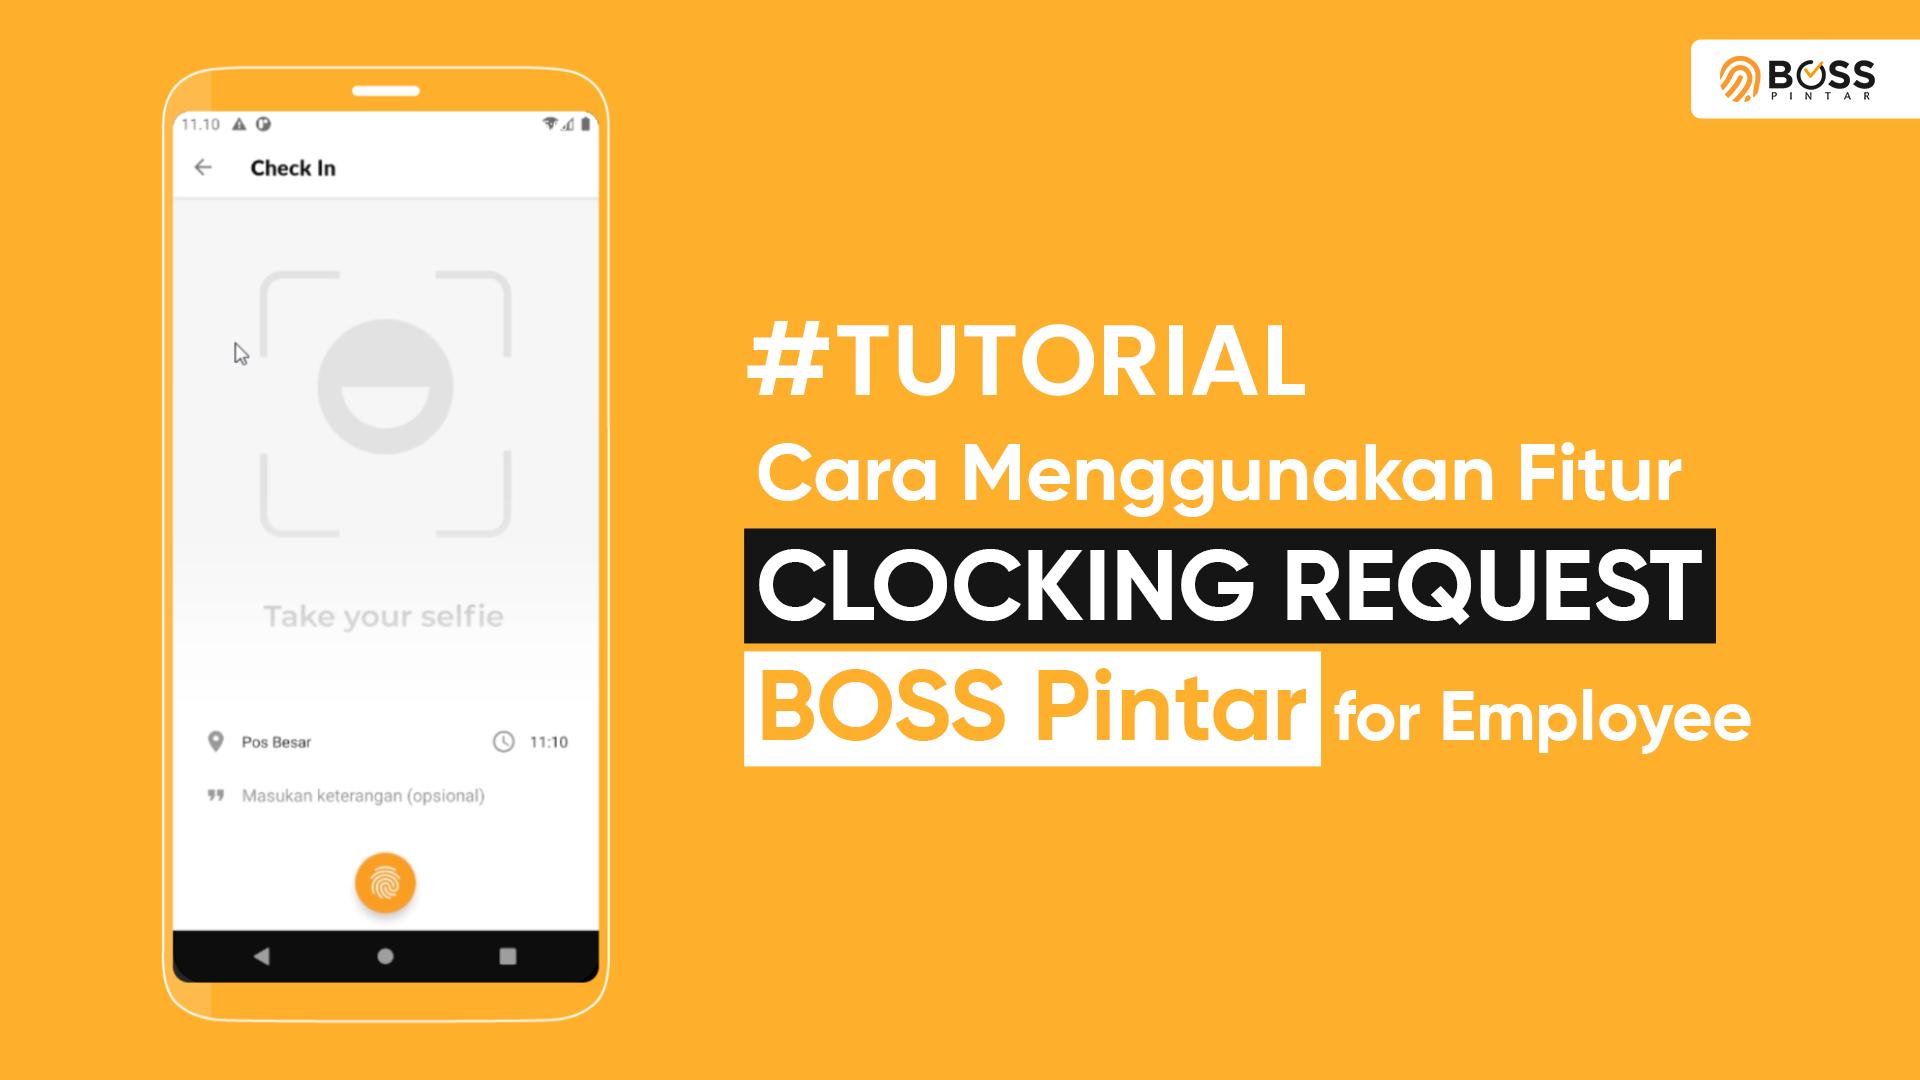 BOSS Pintar Employee | Cara Menggunakan Fitur Clocking Request dari sisi karyawan?